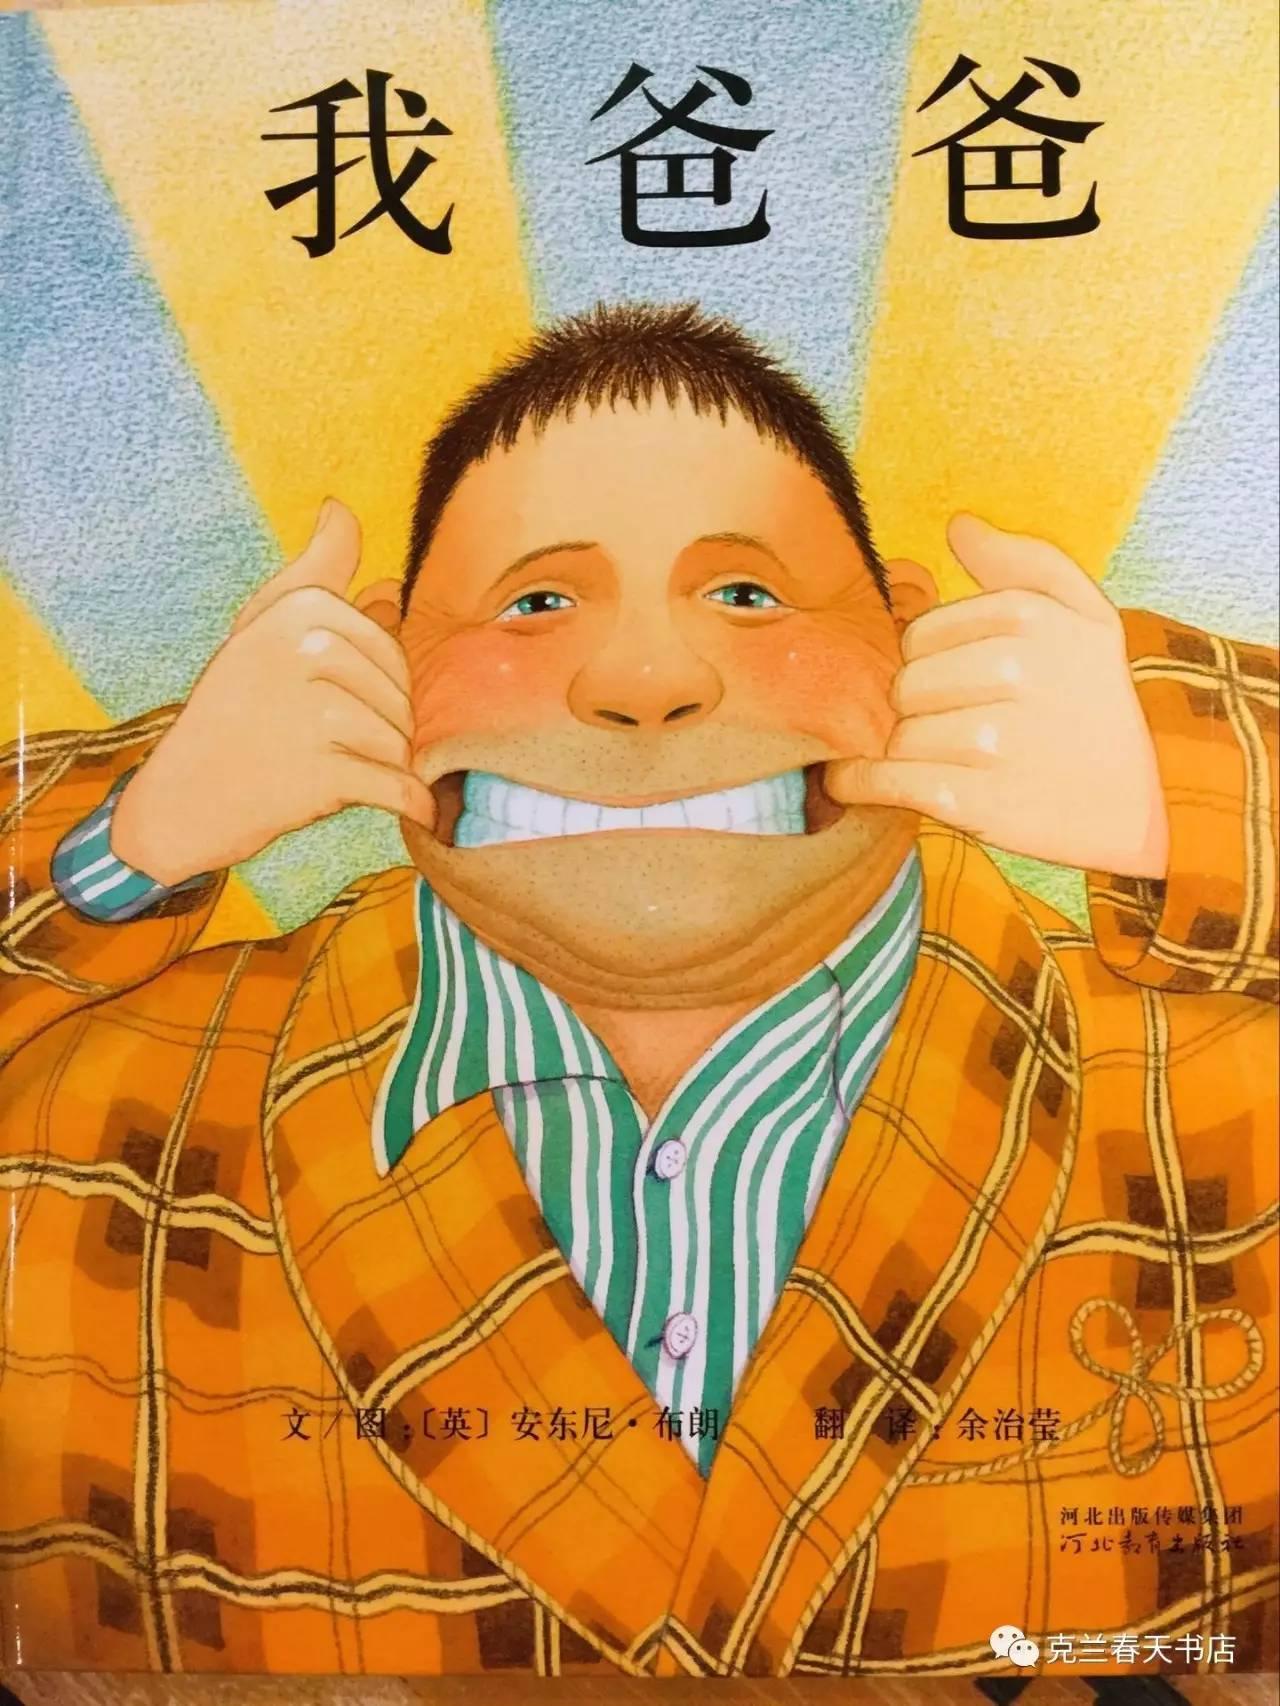 """今天肉娃娃为大家推荐绘本《我爸爸》,在父亲节让我们一起大声说:"""""""